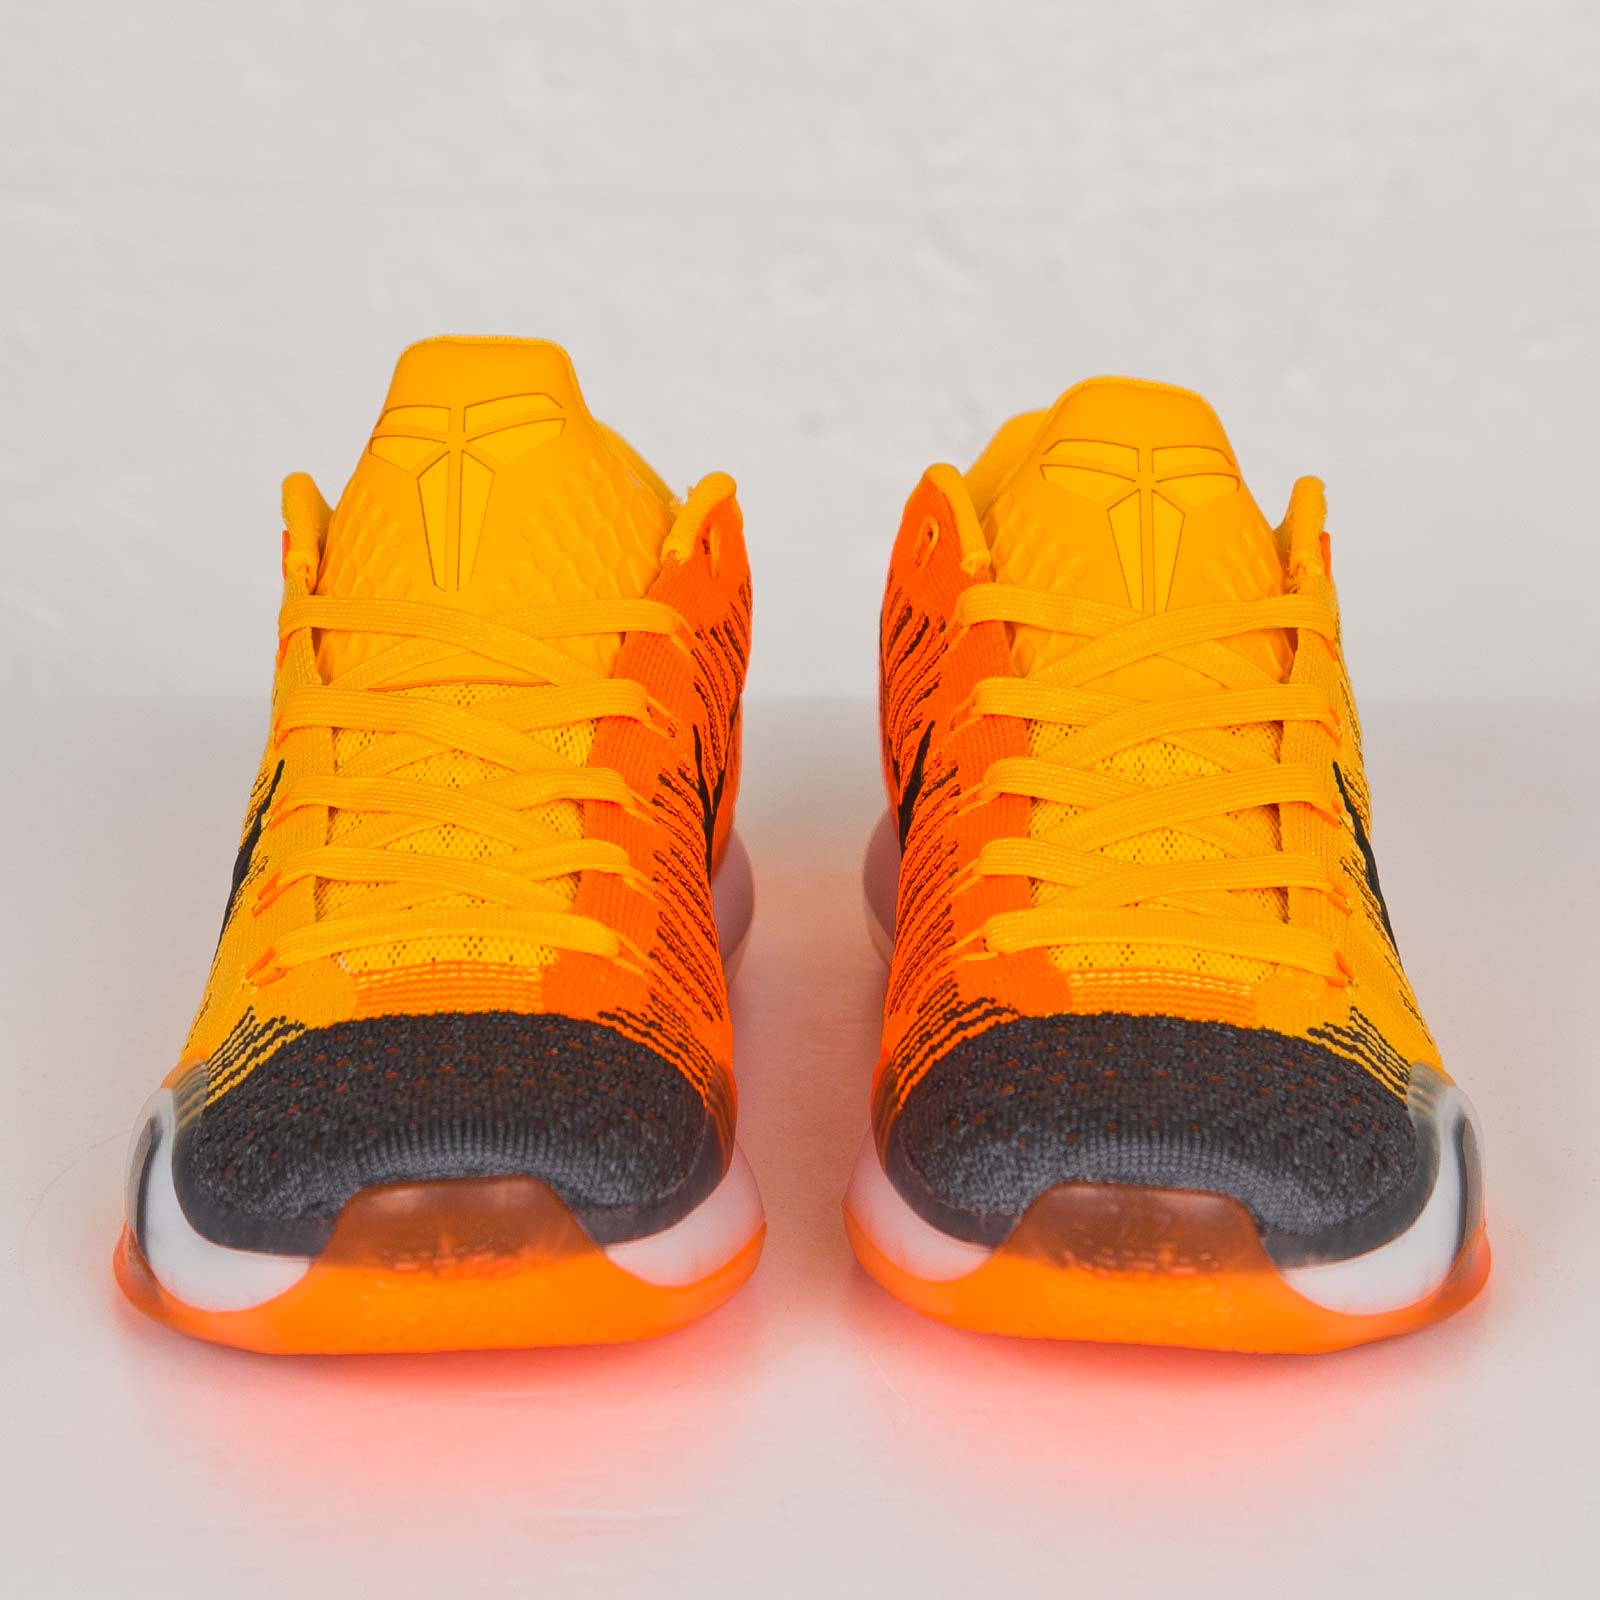 uk availability 757d6 dc3d6 Nike Kobe X Elite Low - 747212-818 - Sneakersnstuff   sneakers   streetwear  online since 1999